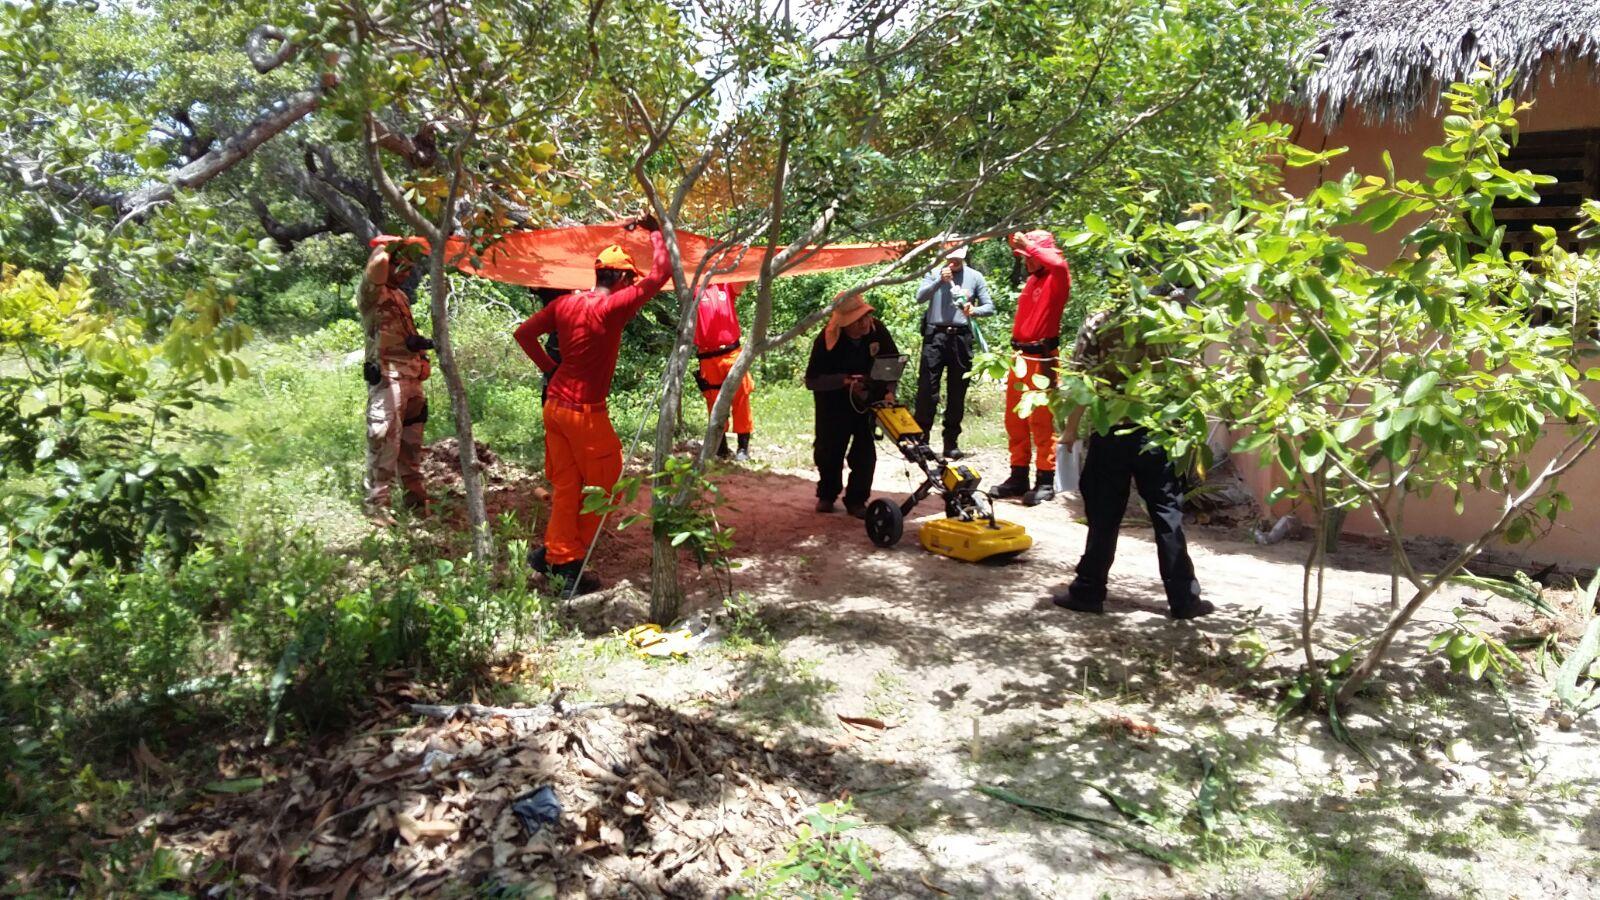 Polícia suspeita de homicídio e busca por corpo (FOTO: Divulgação/ Polícia Federal)